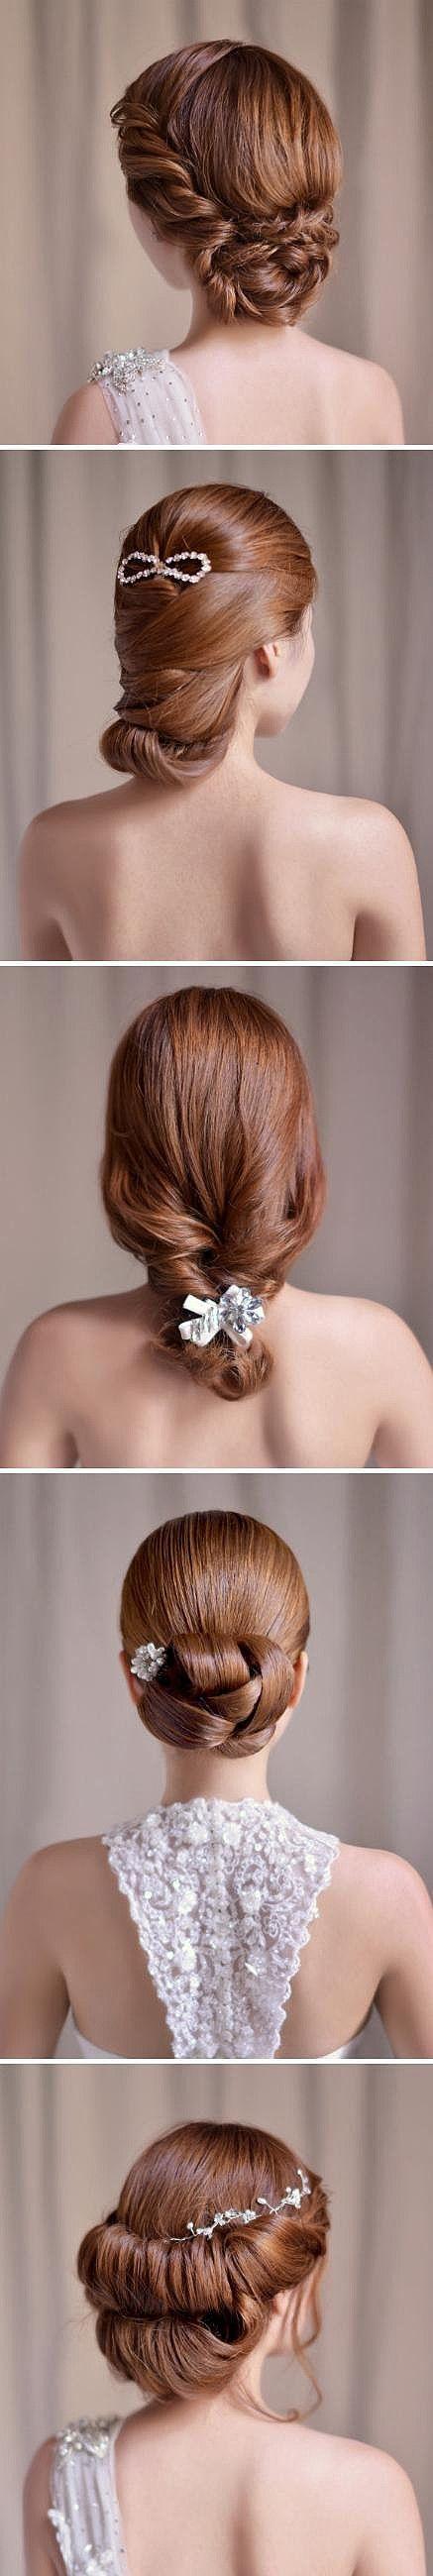 Pretty hair wedding dresses pinterest wedding hair styles